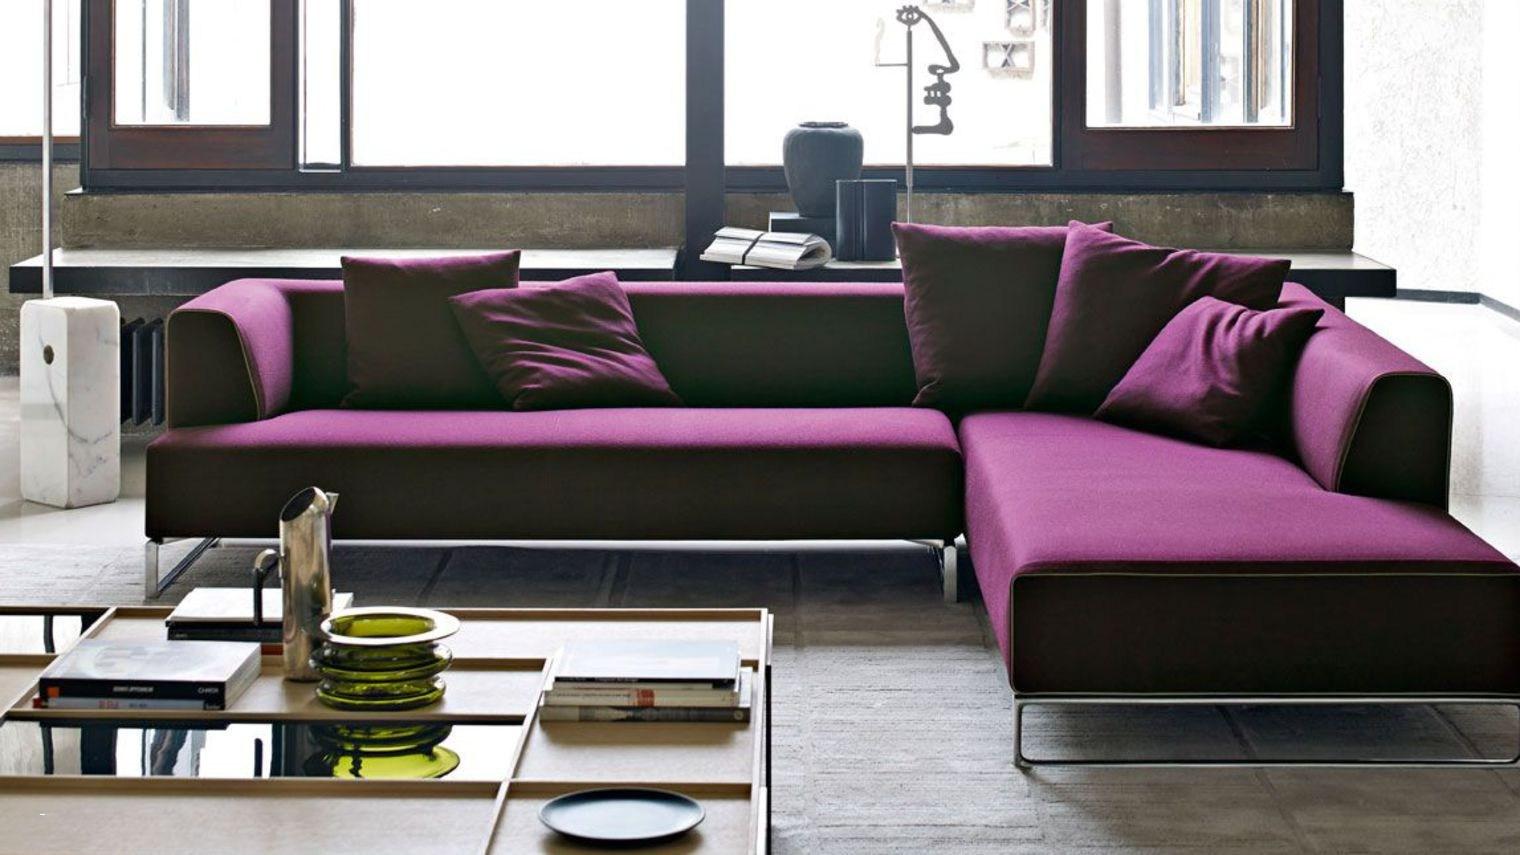 Canapé Relax Cuir Center Impressionnant Collection 27 Frais Canapé Haut De Gamme Design Design De Maison